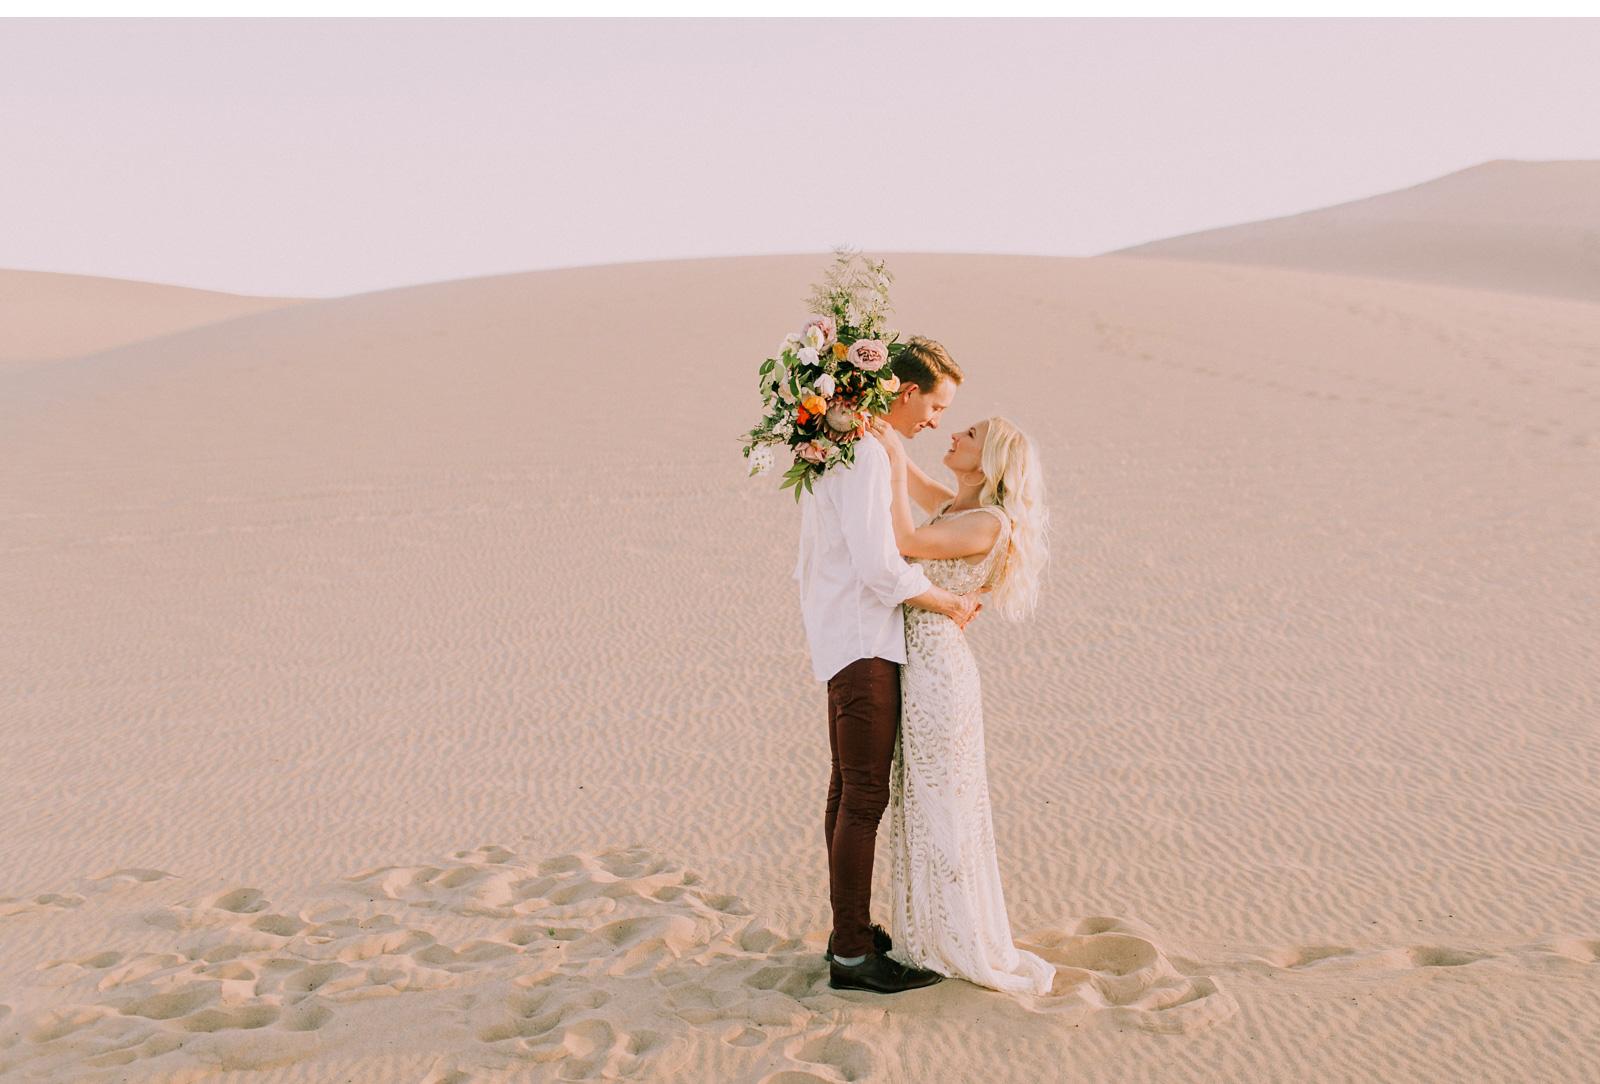 Adventure-Wedding-Green-Wedding-Shoes-Natalie-Schutt-Photography_08.jpg